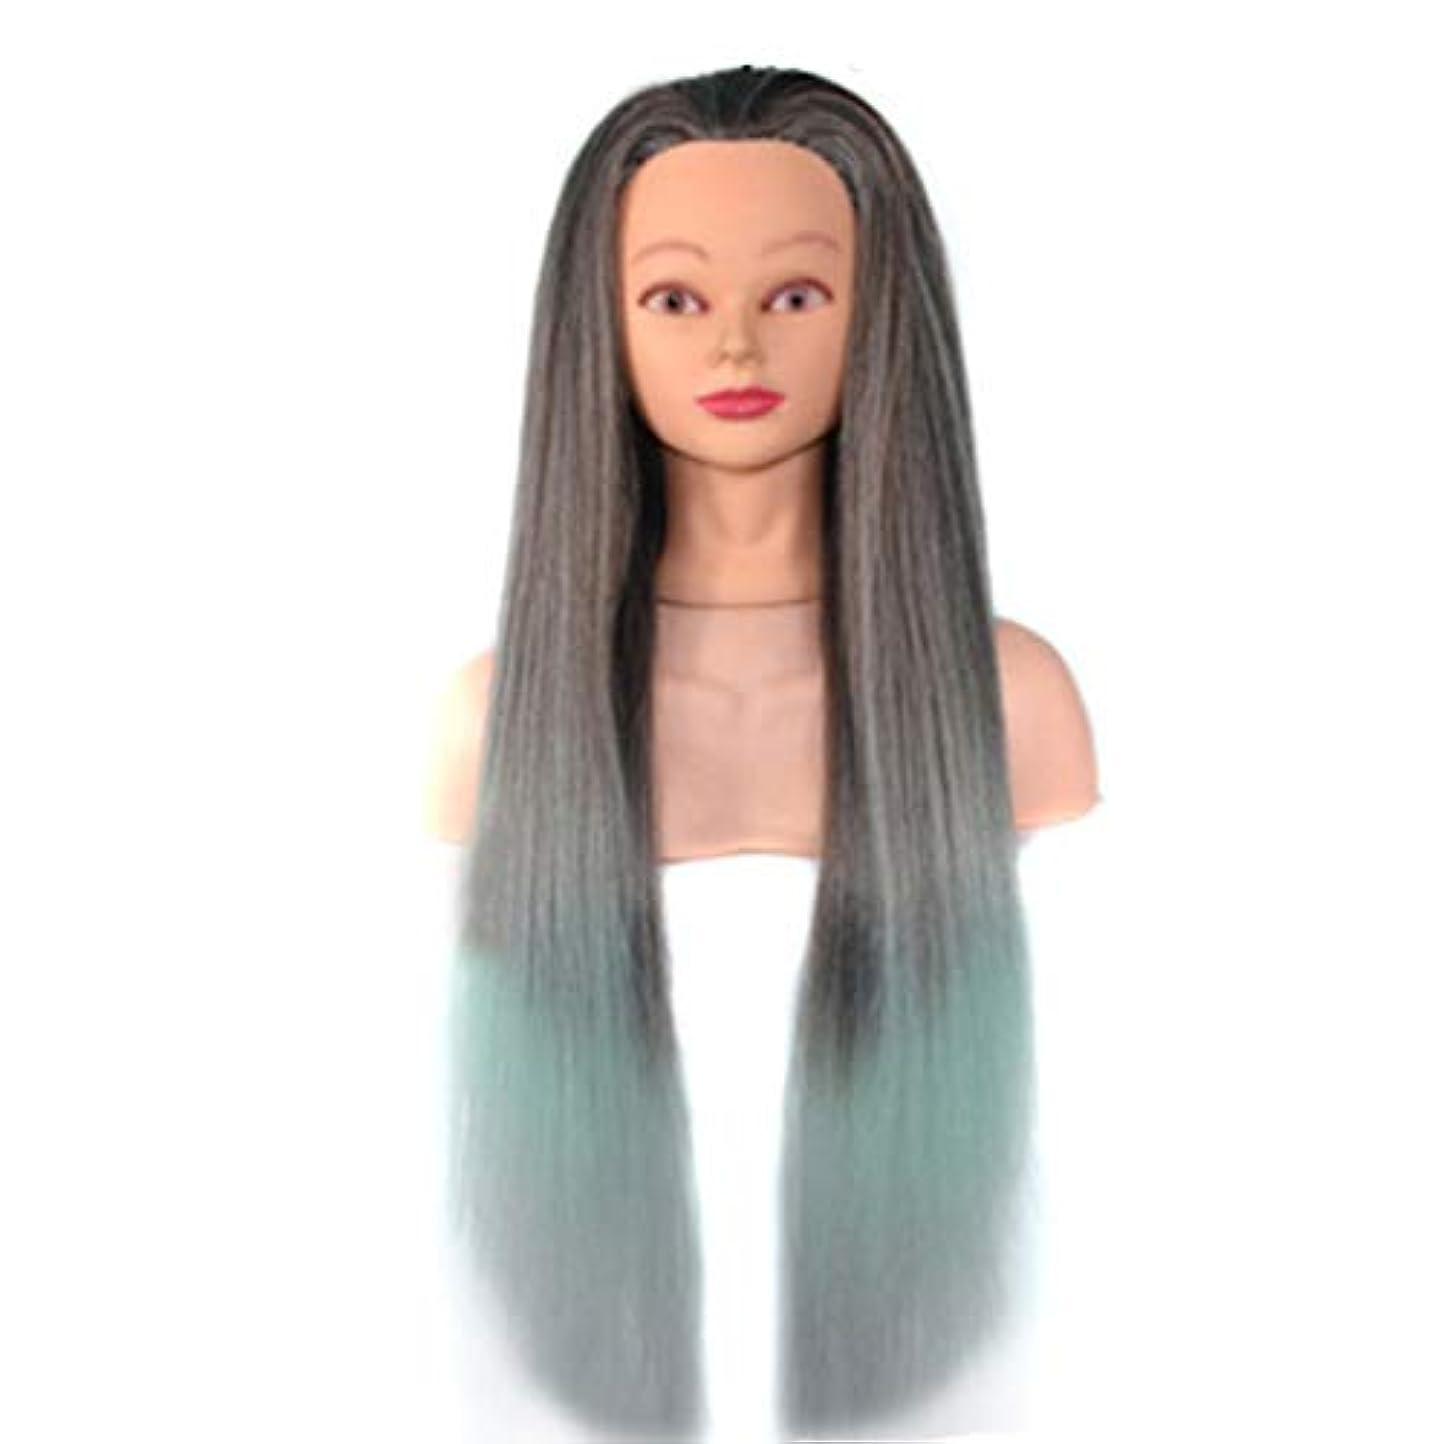 波愛国的な極地化粧板髪練習帽子ジュエリーディスプレイヘッド金型高温シルクグラデーションカラートレーニングヘッドヘアマネキン,09